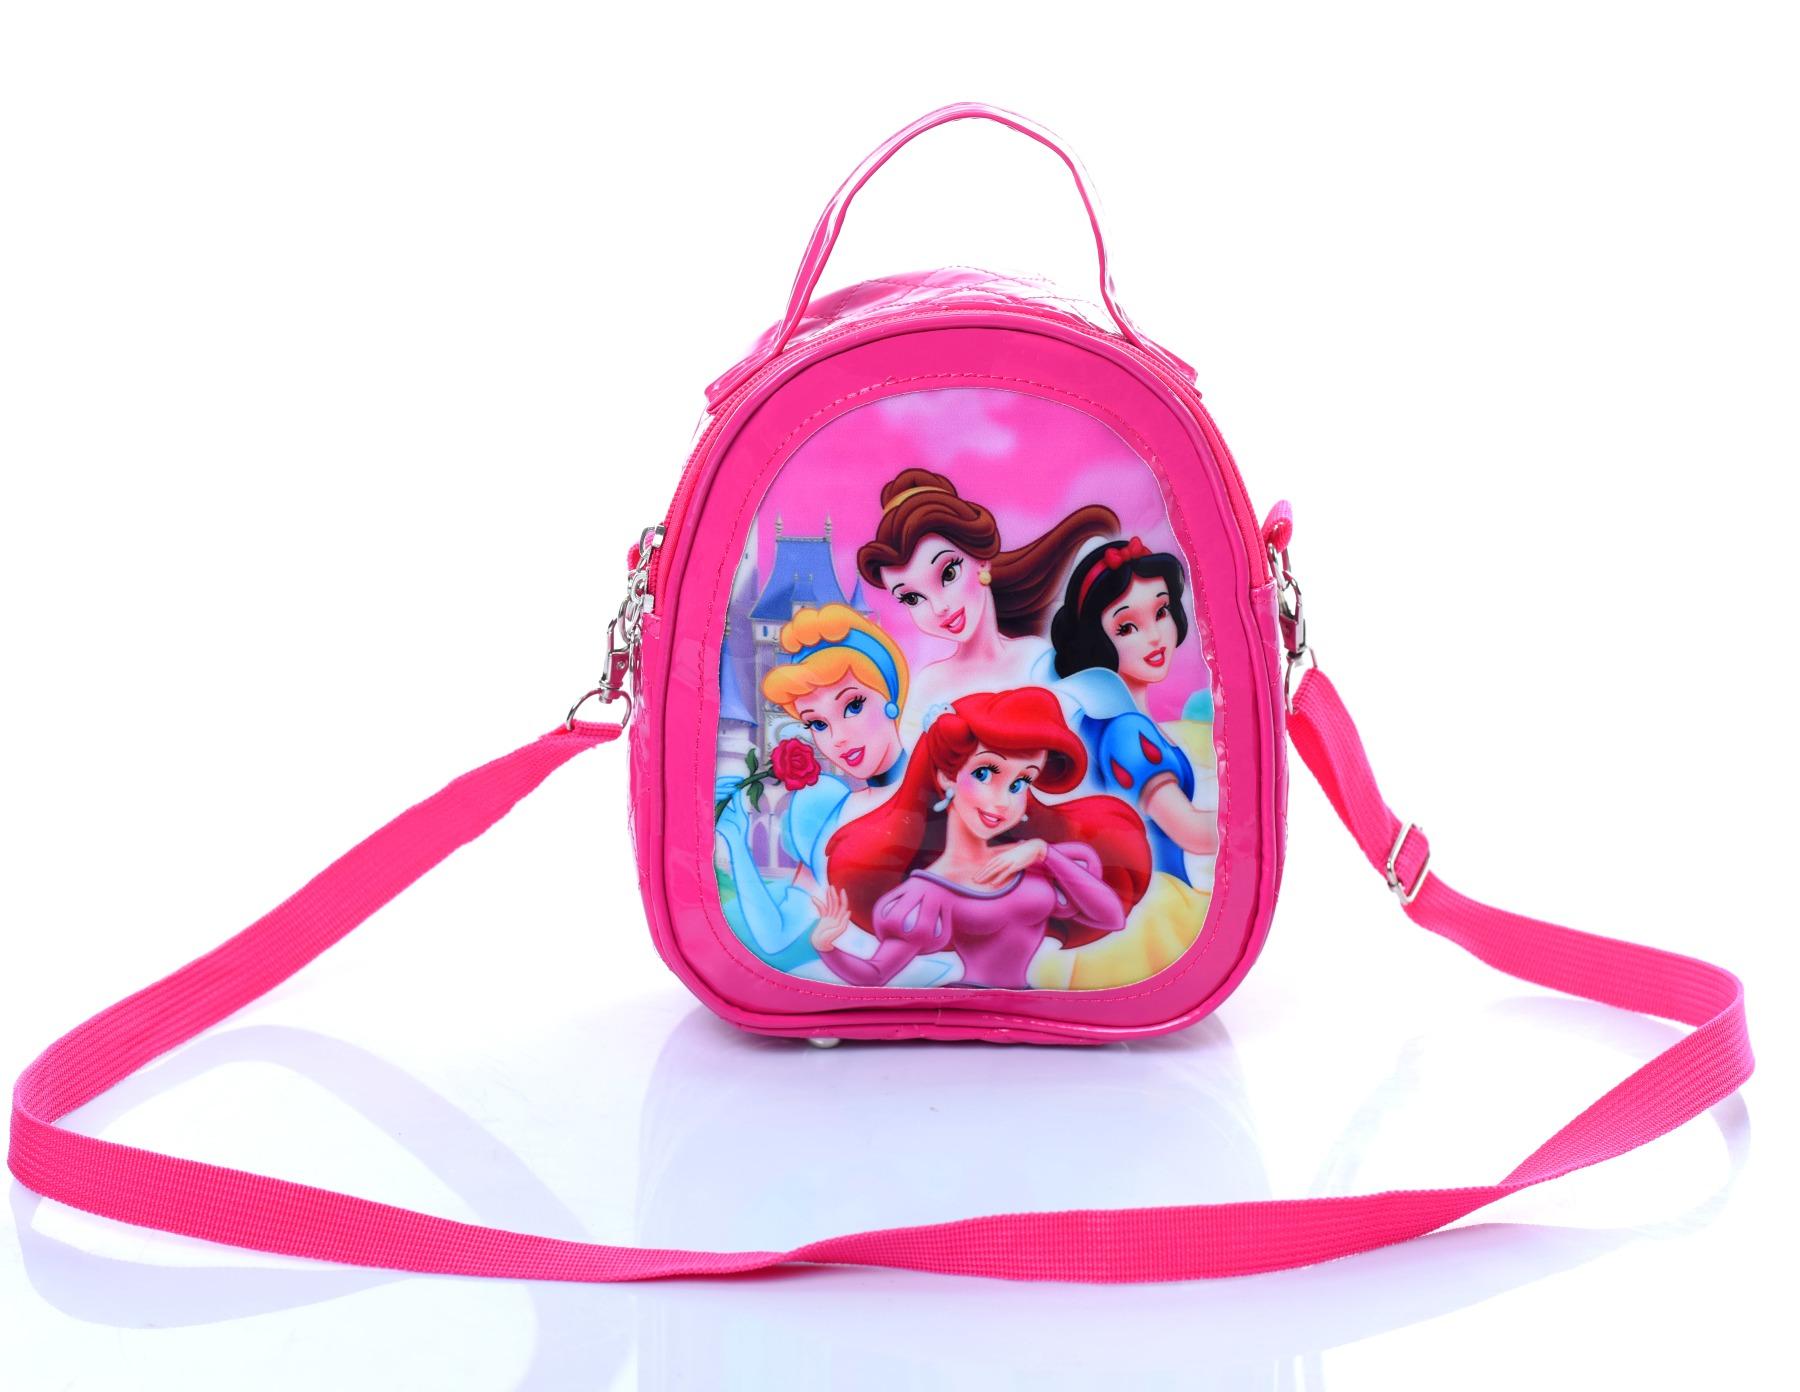 Сумка дитяча Princess купити недорого в магазині Копійочка ea10cda78f8ce